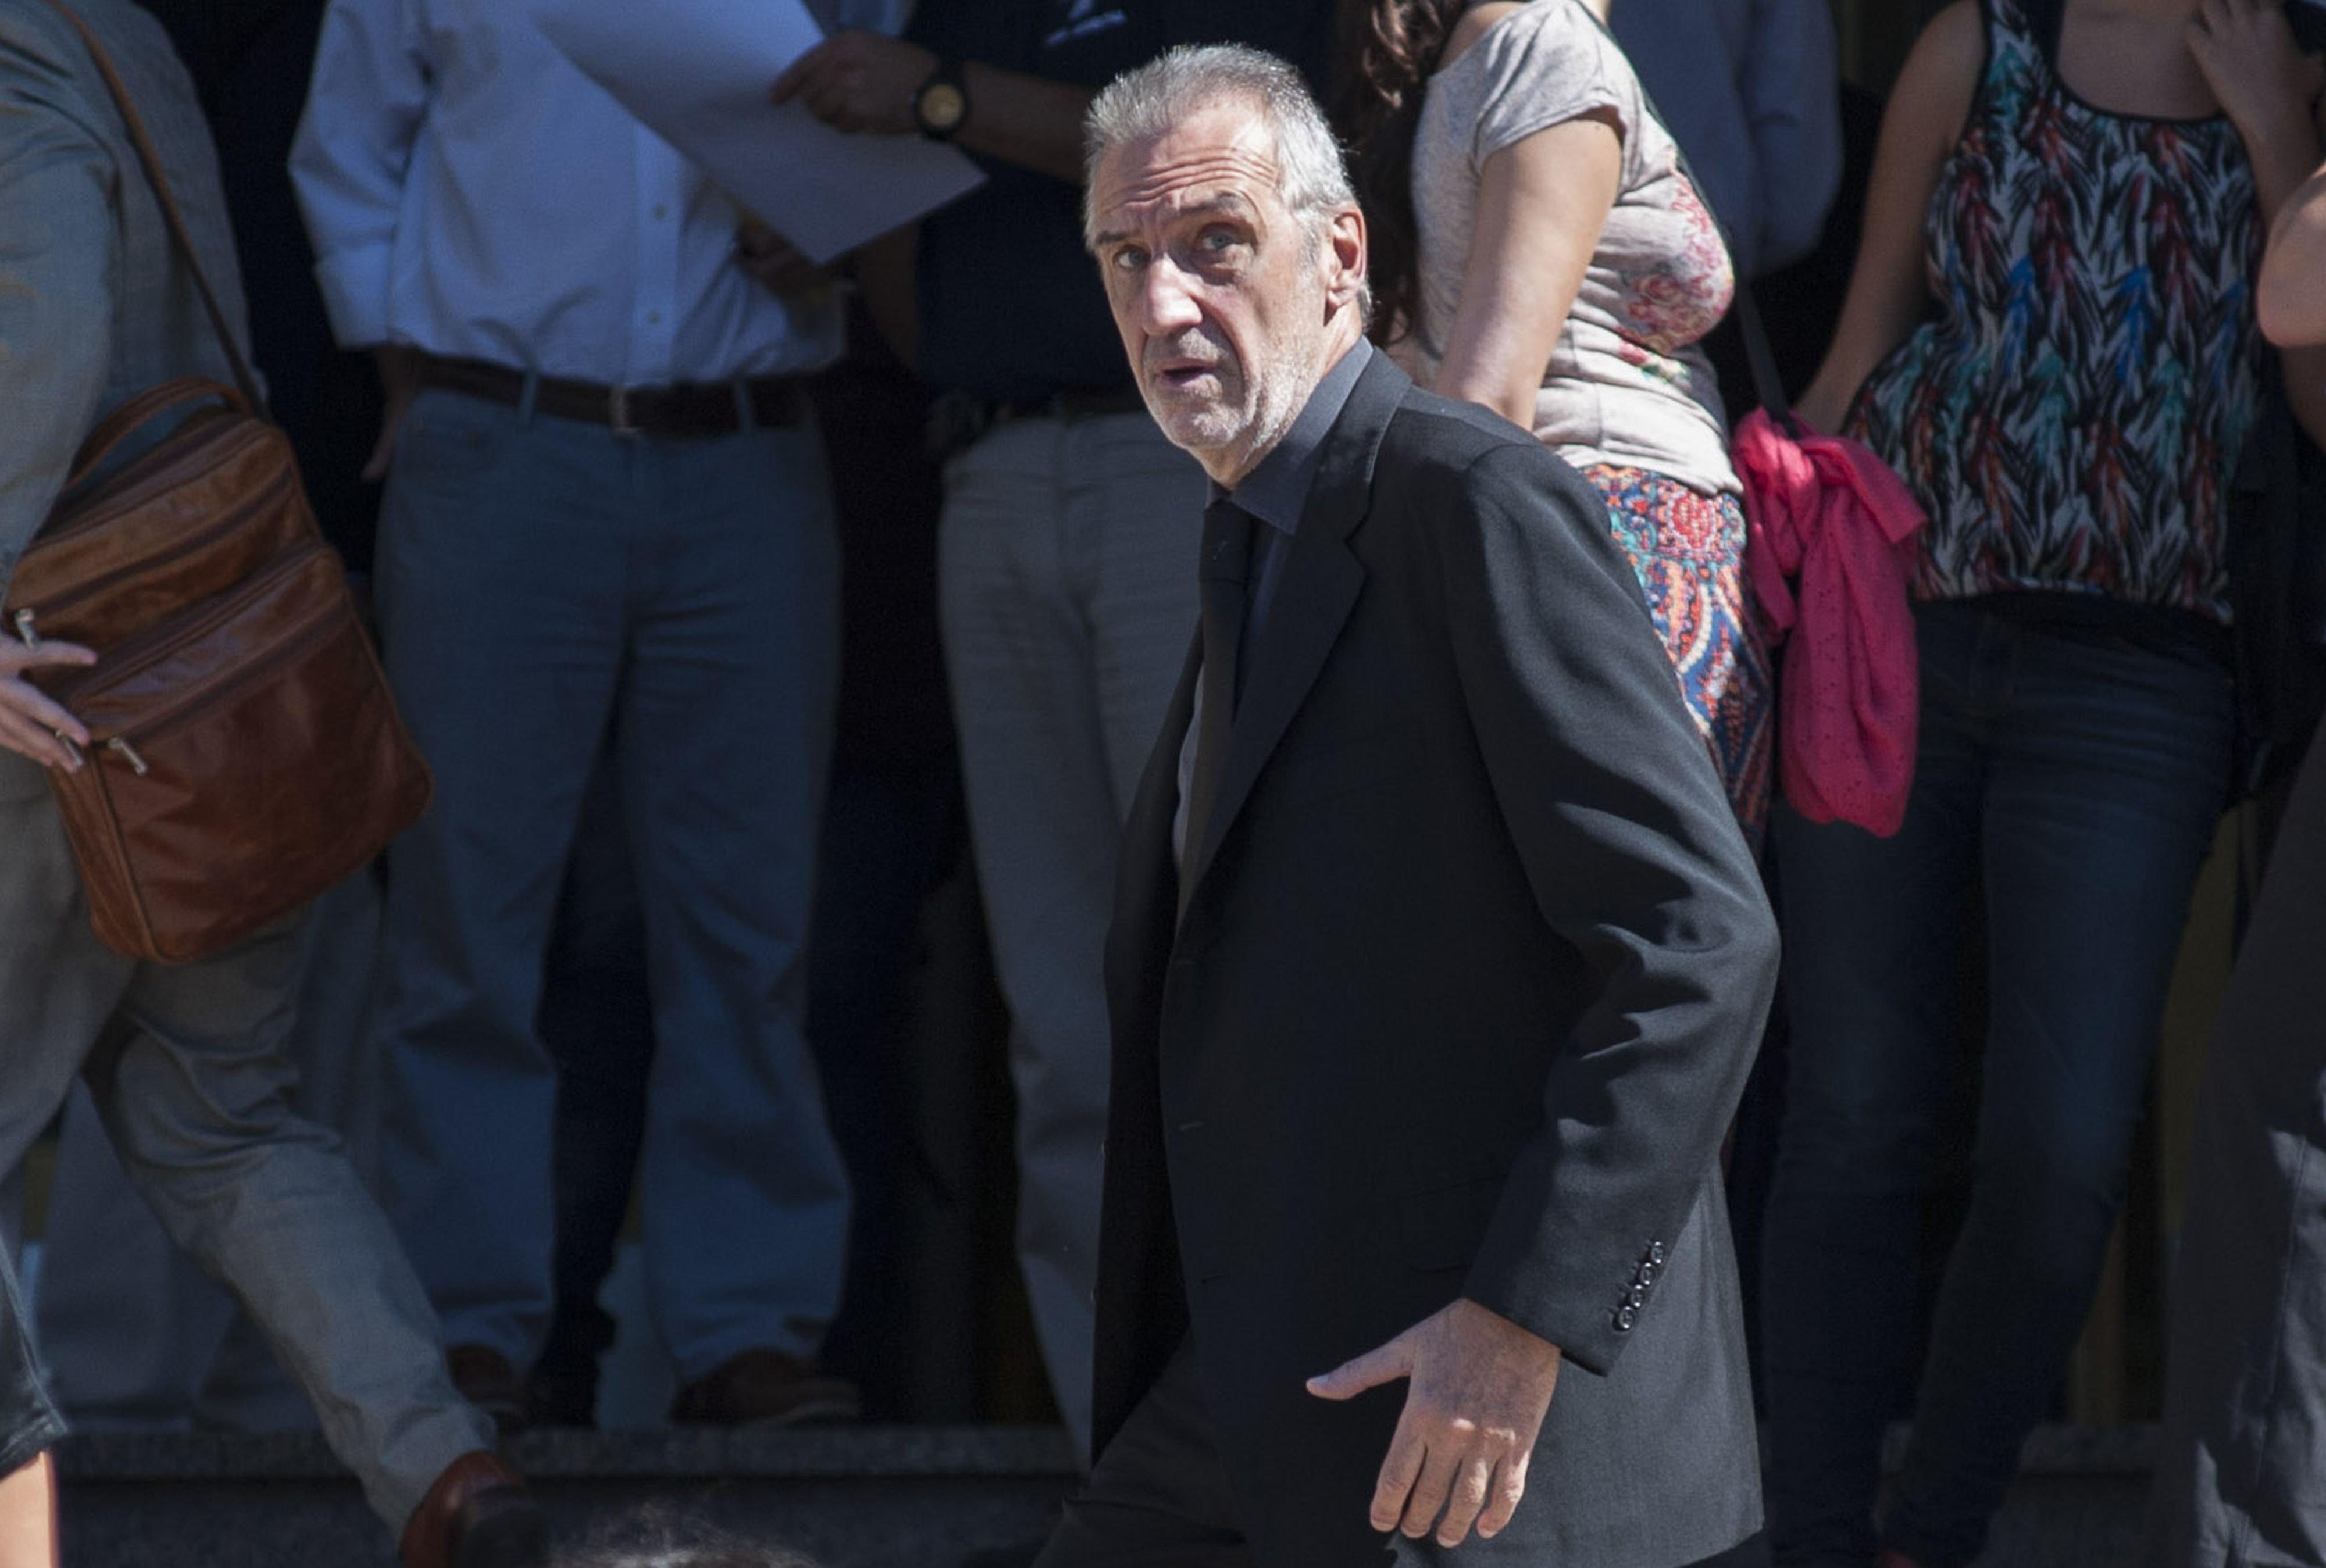 Moldes pidió ratificar el procesamiento de Cristina para su desafuero y detención